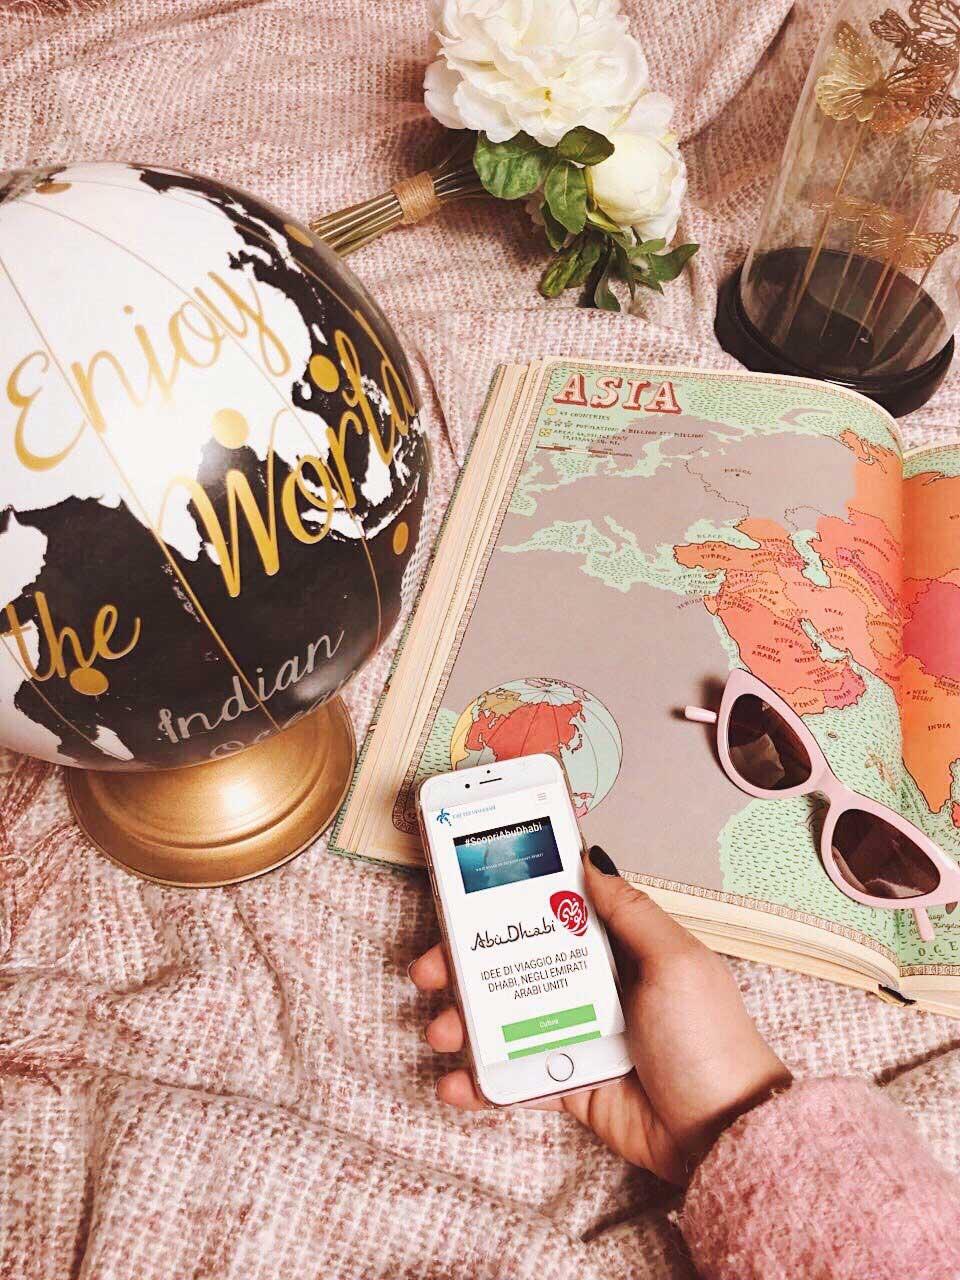 partire con idee per viaggiare alla scoperta di Abu Dhabi